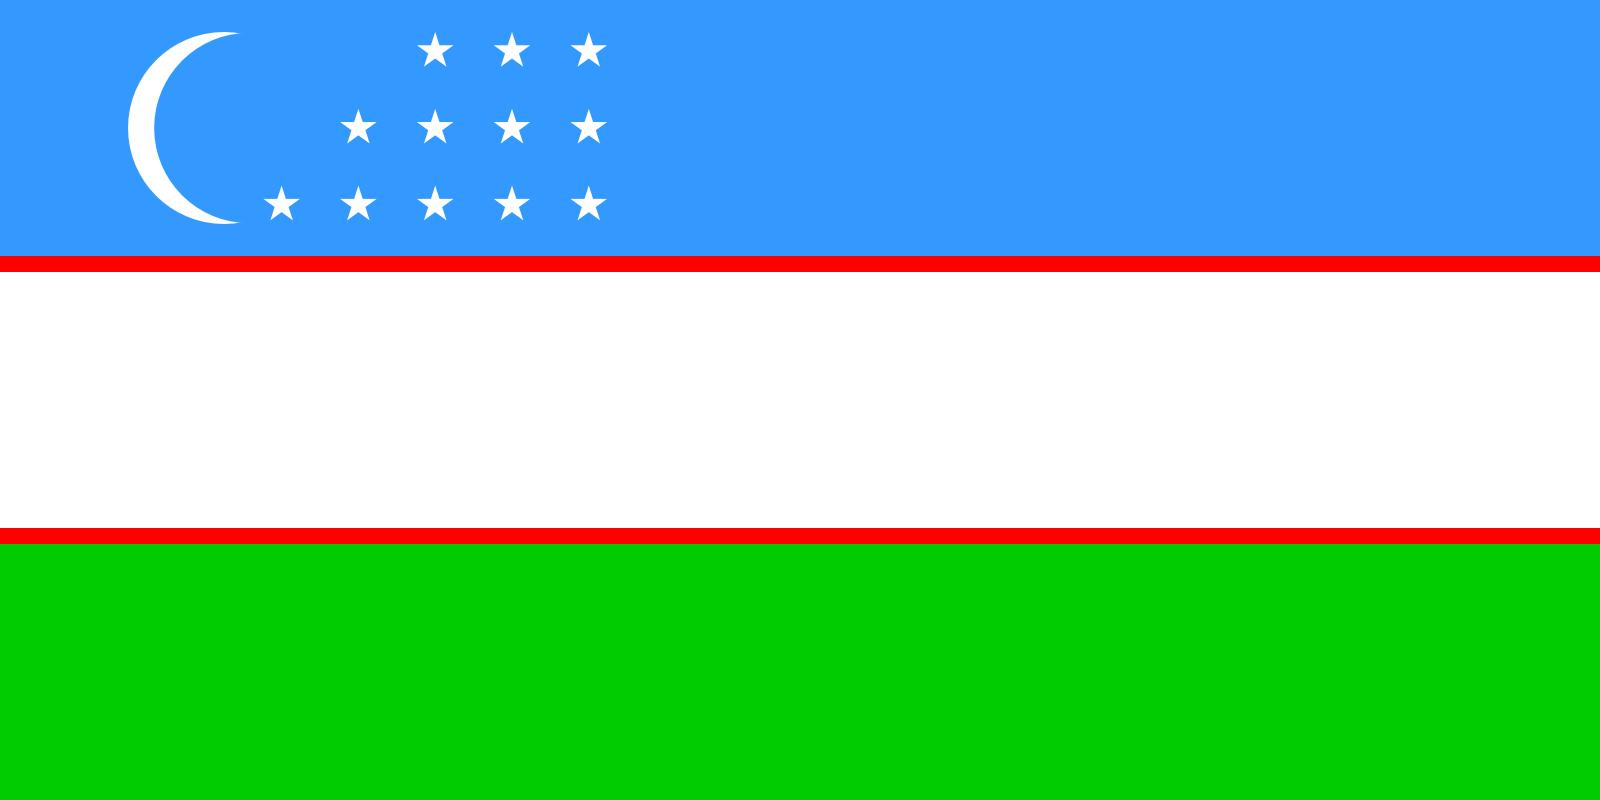 Oʻzbekiston davlat bayrogʻi - Vikipediya